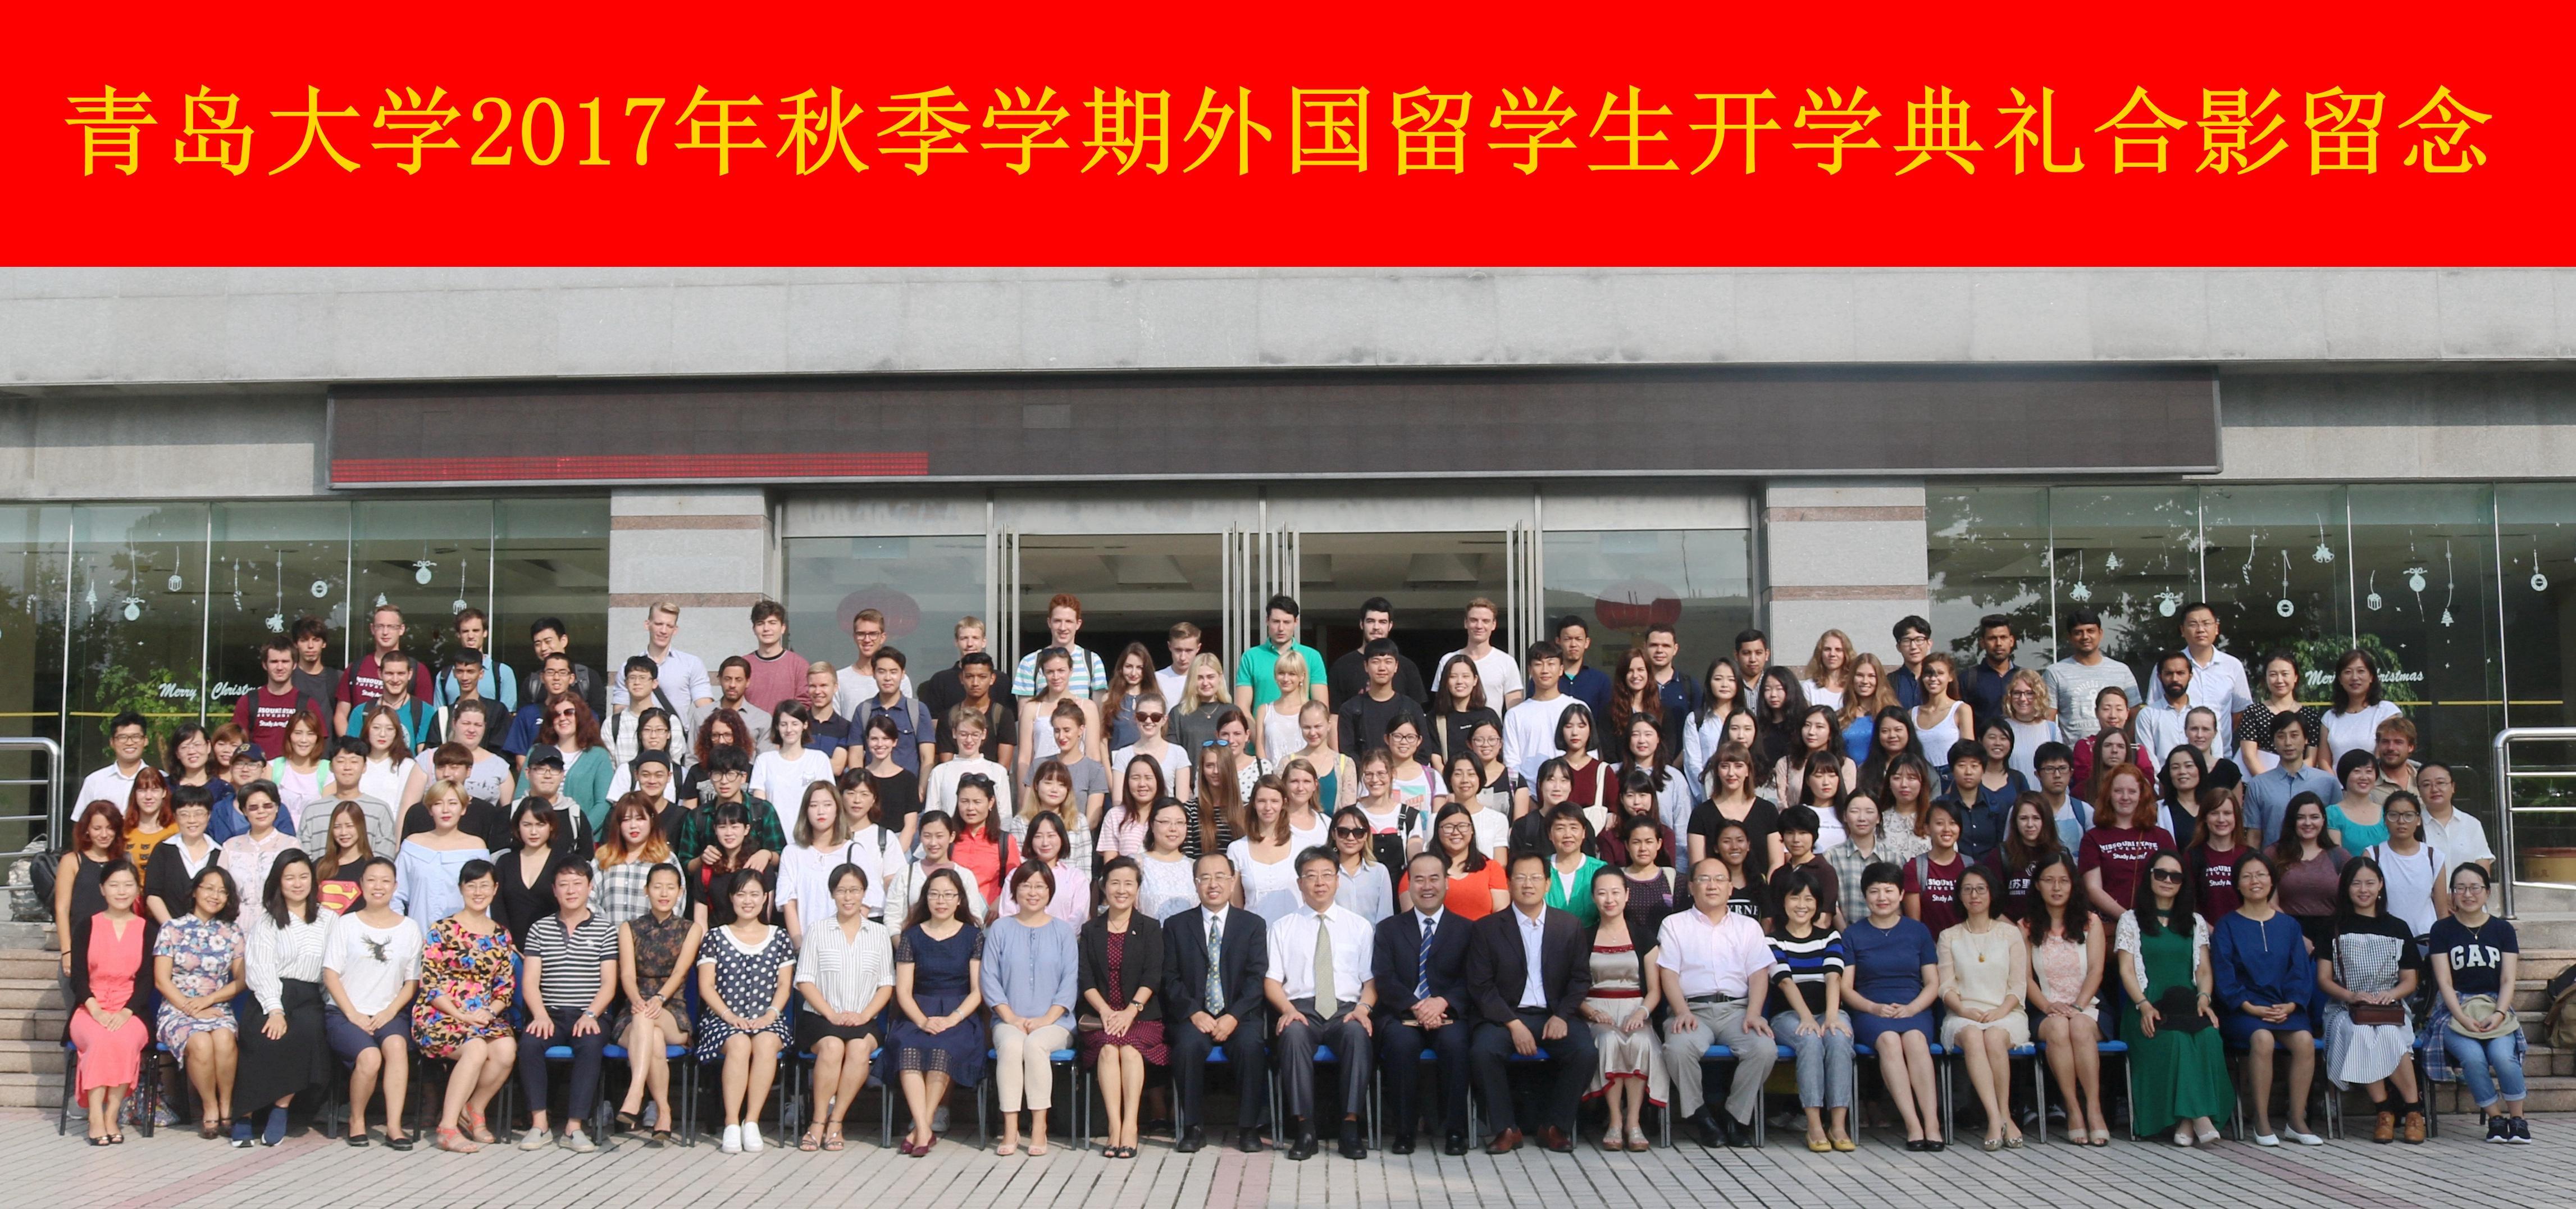 青岛大学2017-2018学年外国留学生开学典礼